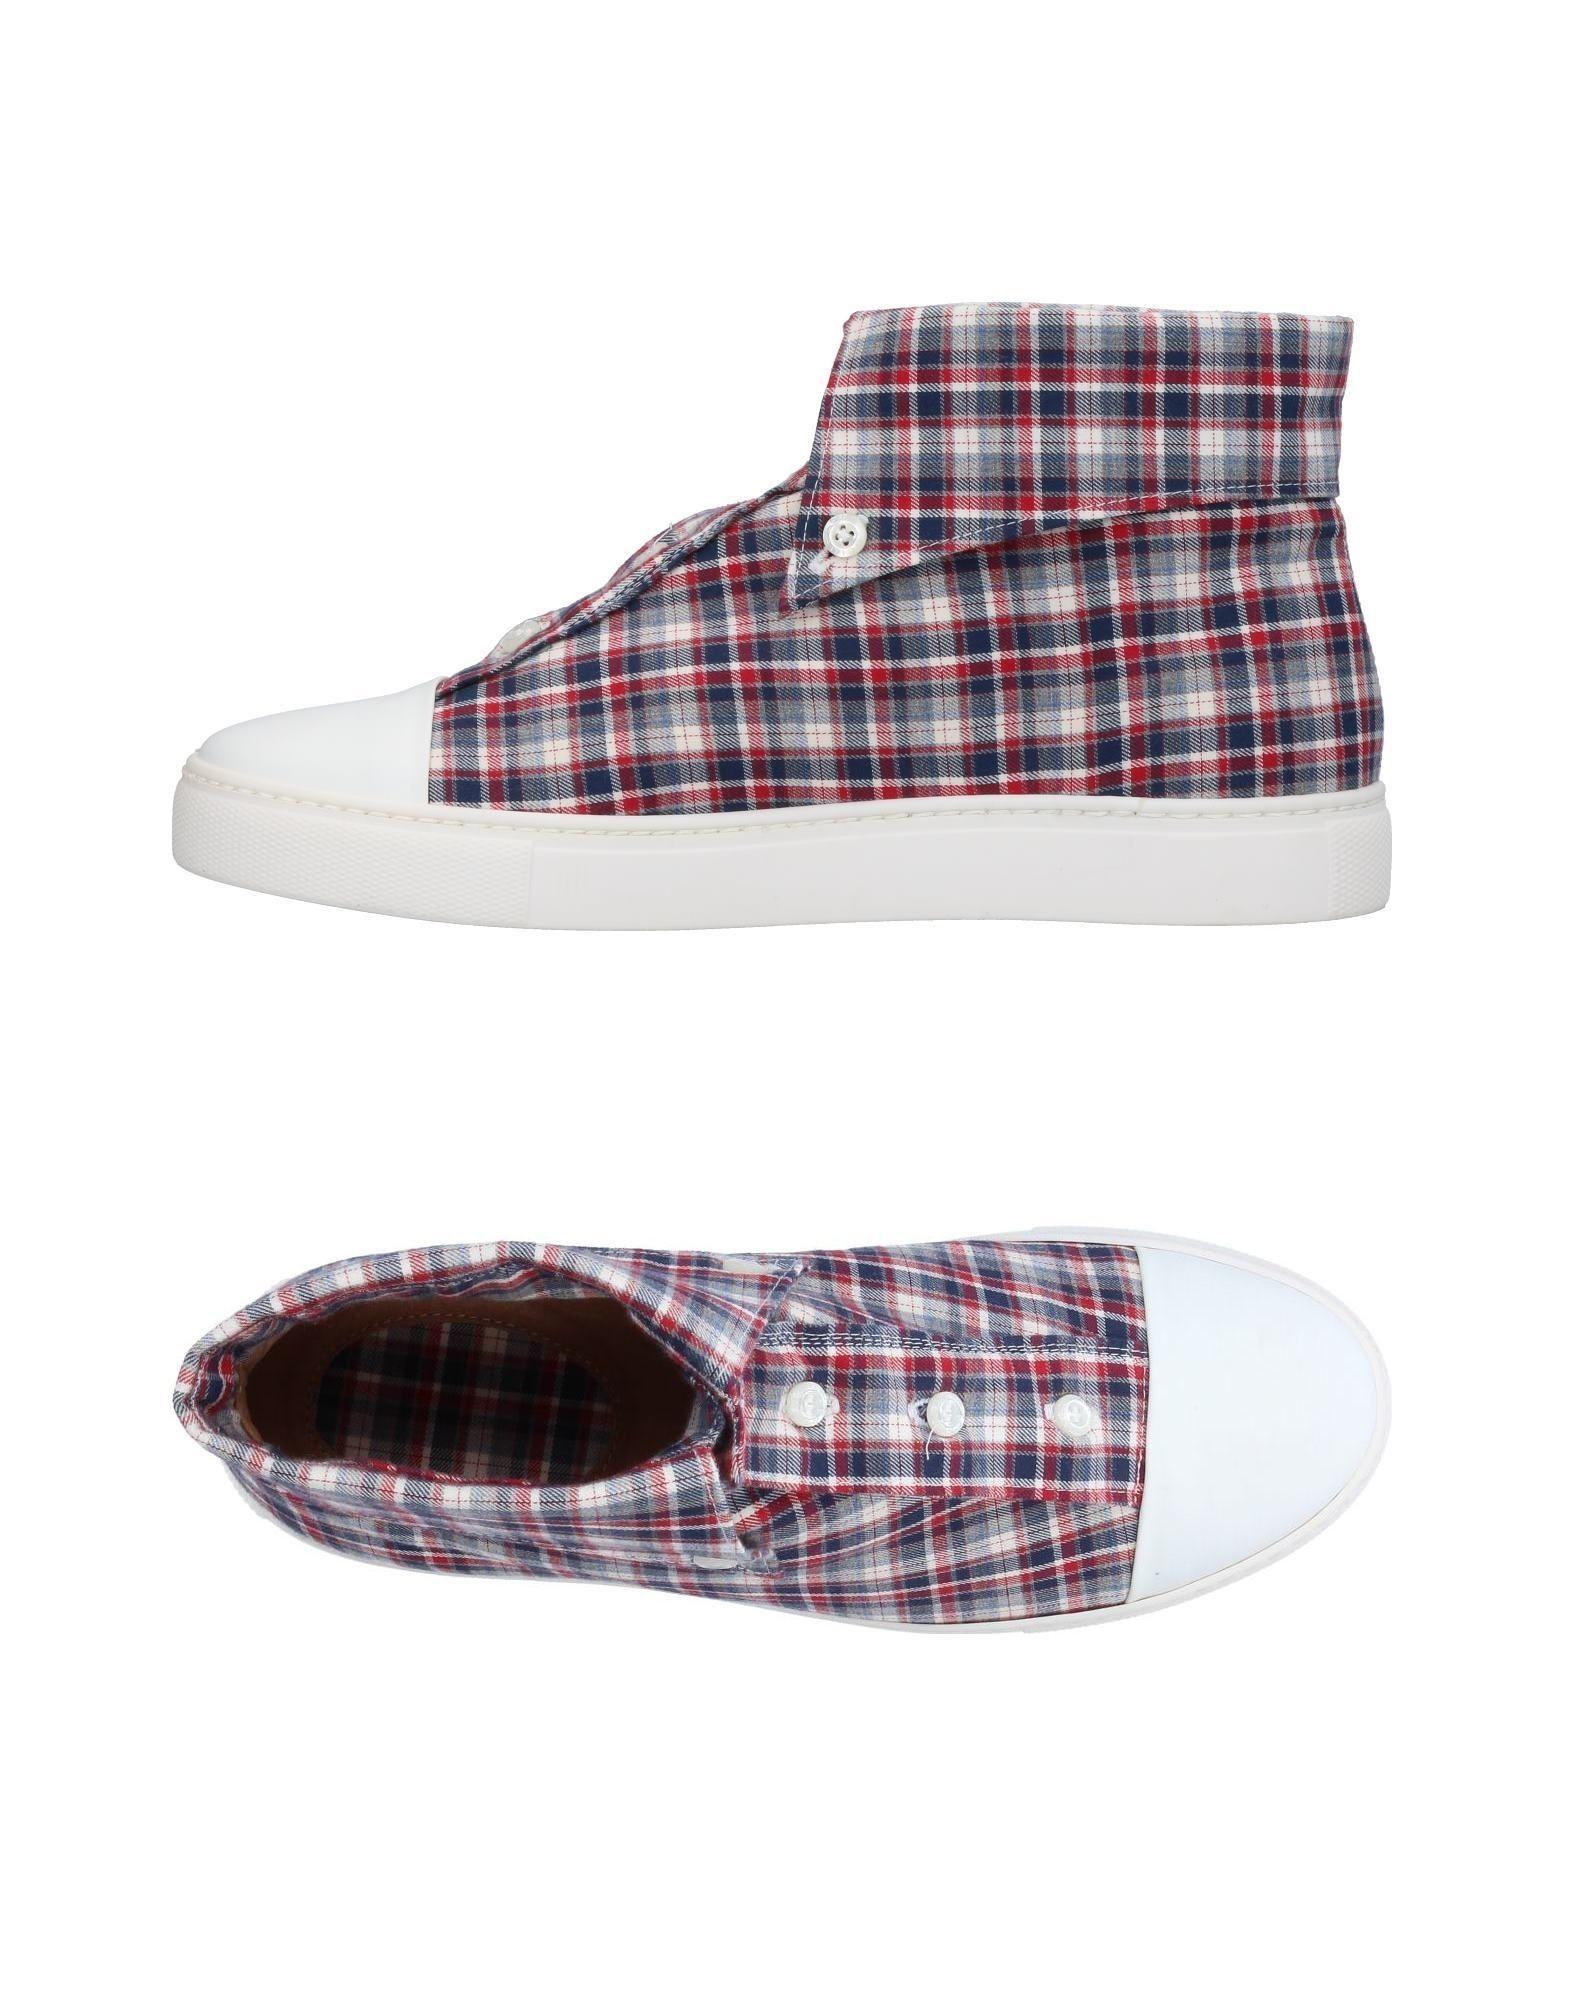 Moda 11370067WS Sneakers Sciuscert Uomo - 11370067WS Moda 093598